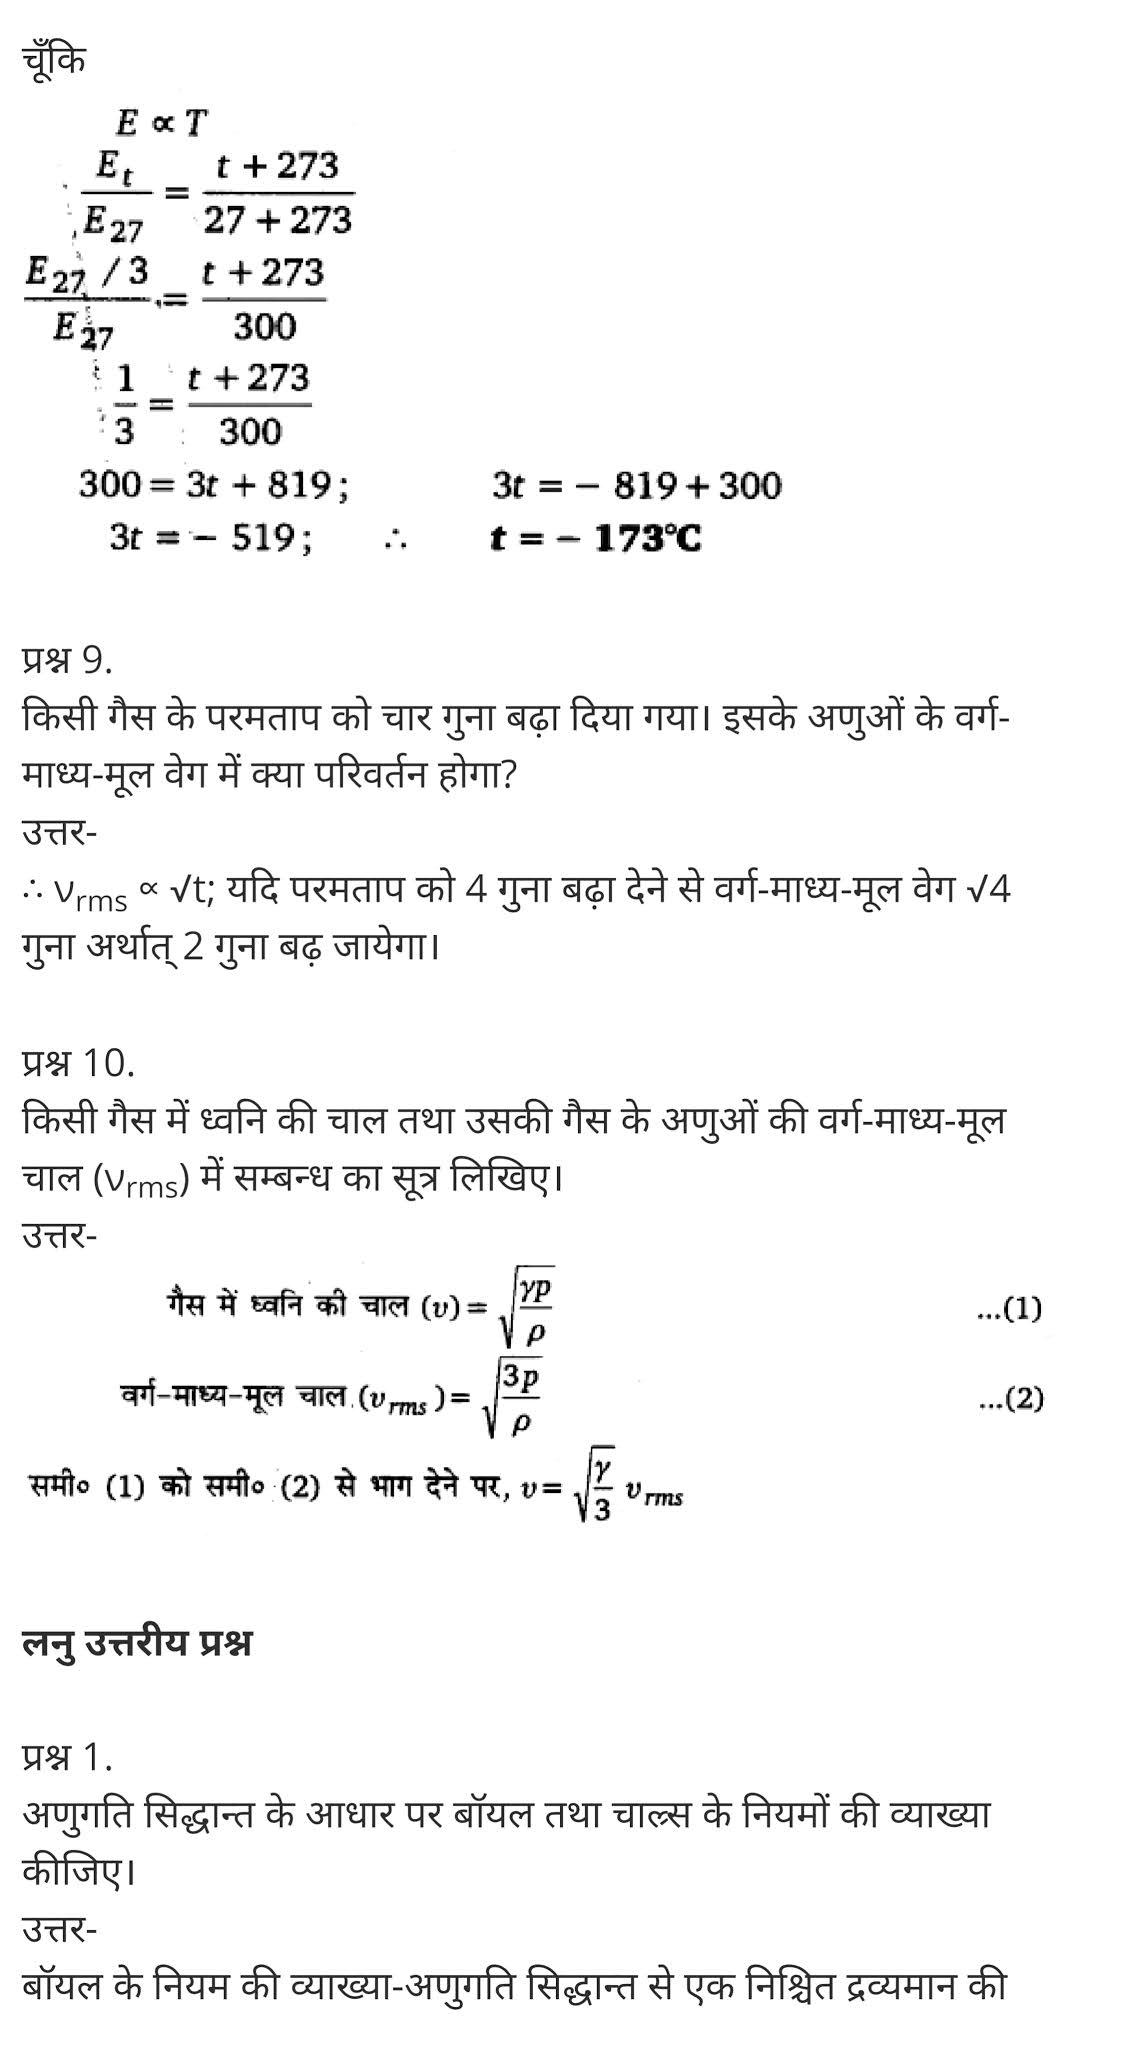 अणुगति सिद्धान्त,  गैसों की गतिज सिद्धांत,  आणविक सिद्धांत किसने दिया,  गैस के अणुओं की गति क्या होती है,  गैस के अणुओं की गतिज ऊर्जा,  गैस के नियम,  आणविक गति किसे कहते हैं,  किस अवस्था में अणुओं की ऊर्जा सबसे कम होती है,  कणों की गतिज ऊर्जा किसमें अधिकतम होती है,  Kinetic Theory,  what is the kinetic theory of matter,  what is kinetic theory of gases,  kinetic theory of solids,  kinetic theory of gases summary,  kinetic theory of gases formula,  kinetic theory chemistry,  kinetic theory of gases pdf,  kinetic theory of ideal gases,   class 11 physics Chapter 13,  class 11 physics chapter 13 ncert solutions in hindi,  class 11 physics chapter 13 notes in hindi,  class 11 physics chapter 13 question answer,  class 11 physics chapter 13 notes,  11 class physics chapter 13 in hindi,  class 11 physics chapter 13 in hindi,  class 11 physics chapter 13 important questions in hindi,  class 11 physics  notes in hindi,   class 11 physics chapter 13 test,  class 11 physics chapter 13 pdf,  class 11 physics chapter 13 notes pdf,  class 11 physics chapter 13 exercise solutions,  class 11 physics chapter 13, class 11 physics chapter 13 notes study rankers,  class 11 physics chapter 13 notes,  class 11 physics notes,   physics  class 11 notes pdf,  physics class 11 notes 2021 ncert,  physics class 11 pdf,  physics  book,  physics quiz class 11,   11th physics  book up board,  up board 11th physics notes,   कक्षा 11 भौतिक विज्ञान अध्याय 13,  कक्षा 11 भौतिक विज्ञान का अध्याय 13 ncert solution in hindi,  कक्षा 11 भौतिक विज्ञान के अध्याय 13 के नोट्स हिंदी में,  कक्षा 11 का भौतिक विज्ञान अध्याय 13 का प्रश्न उत्तर,  कक्षा 11 भौतिक विज्ञान अध्याय 13 के नोट्स,  11 कक्षा भौतिक विज्ञान अध्याय 13 हिंदी में,  कक्षा 11 भौतिक विज्ञान अध्याय 13 हिंदी में,  कक्षा 11 भौतिक विज्ञान अध्याय 13 महत्वपूर्ण प्रश्न हिंदी में,  कक्षा 11 के भौतिक विज्ञान के नोट्स हिंदी में,  भौतिक विज्ञान कक्षा 11 नोट्स pdf,  भौतिक विज्ञान कक्षा 11 नोट्स 2021 ncert,  भौतिक विज्ञान कक्षा 11 pdf,  भौतिक विज्ञान पुस्तक,  भौ